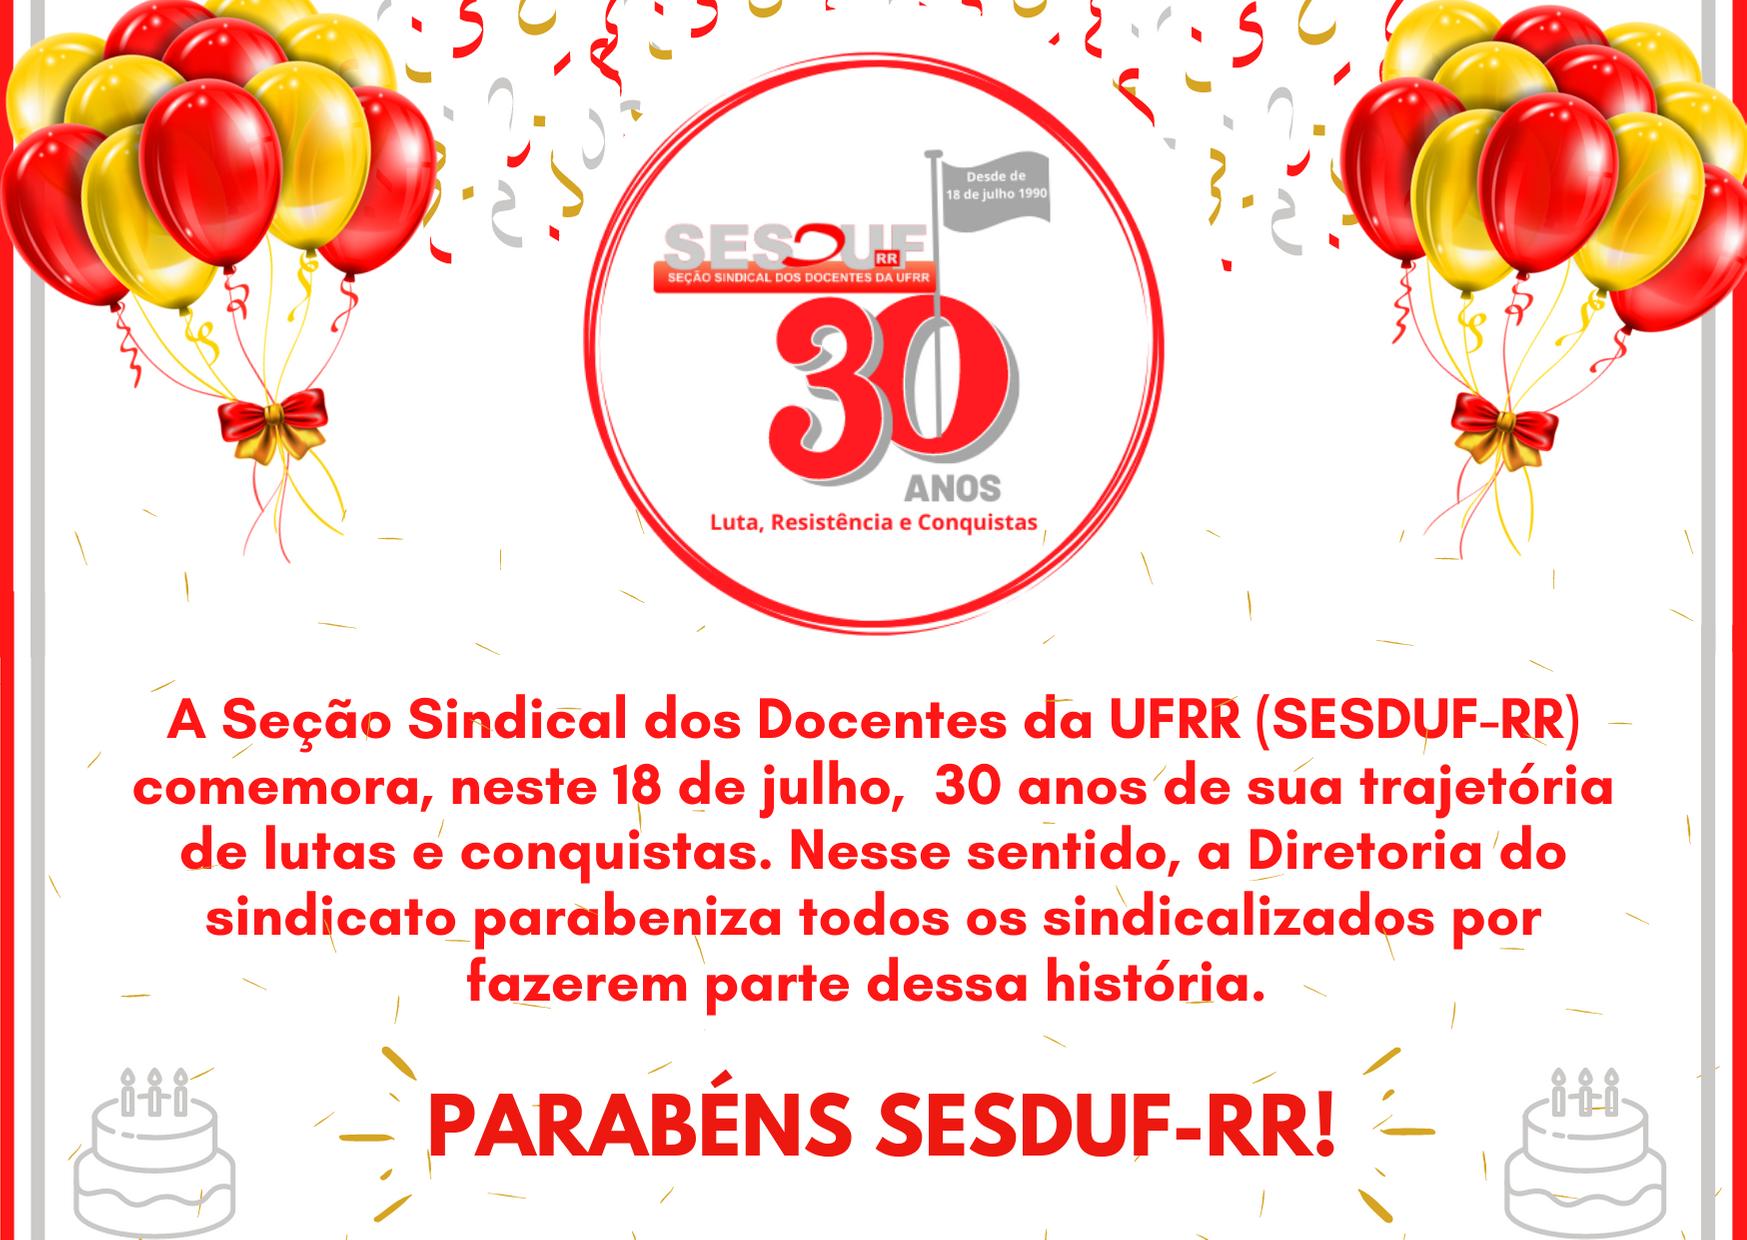 SESDUF-RR comemora 30 anos de atuação sindical